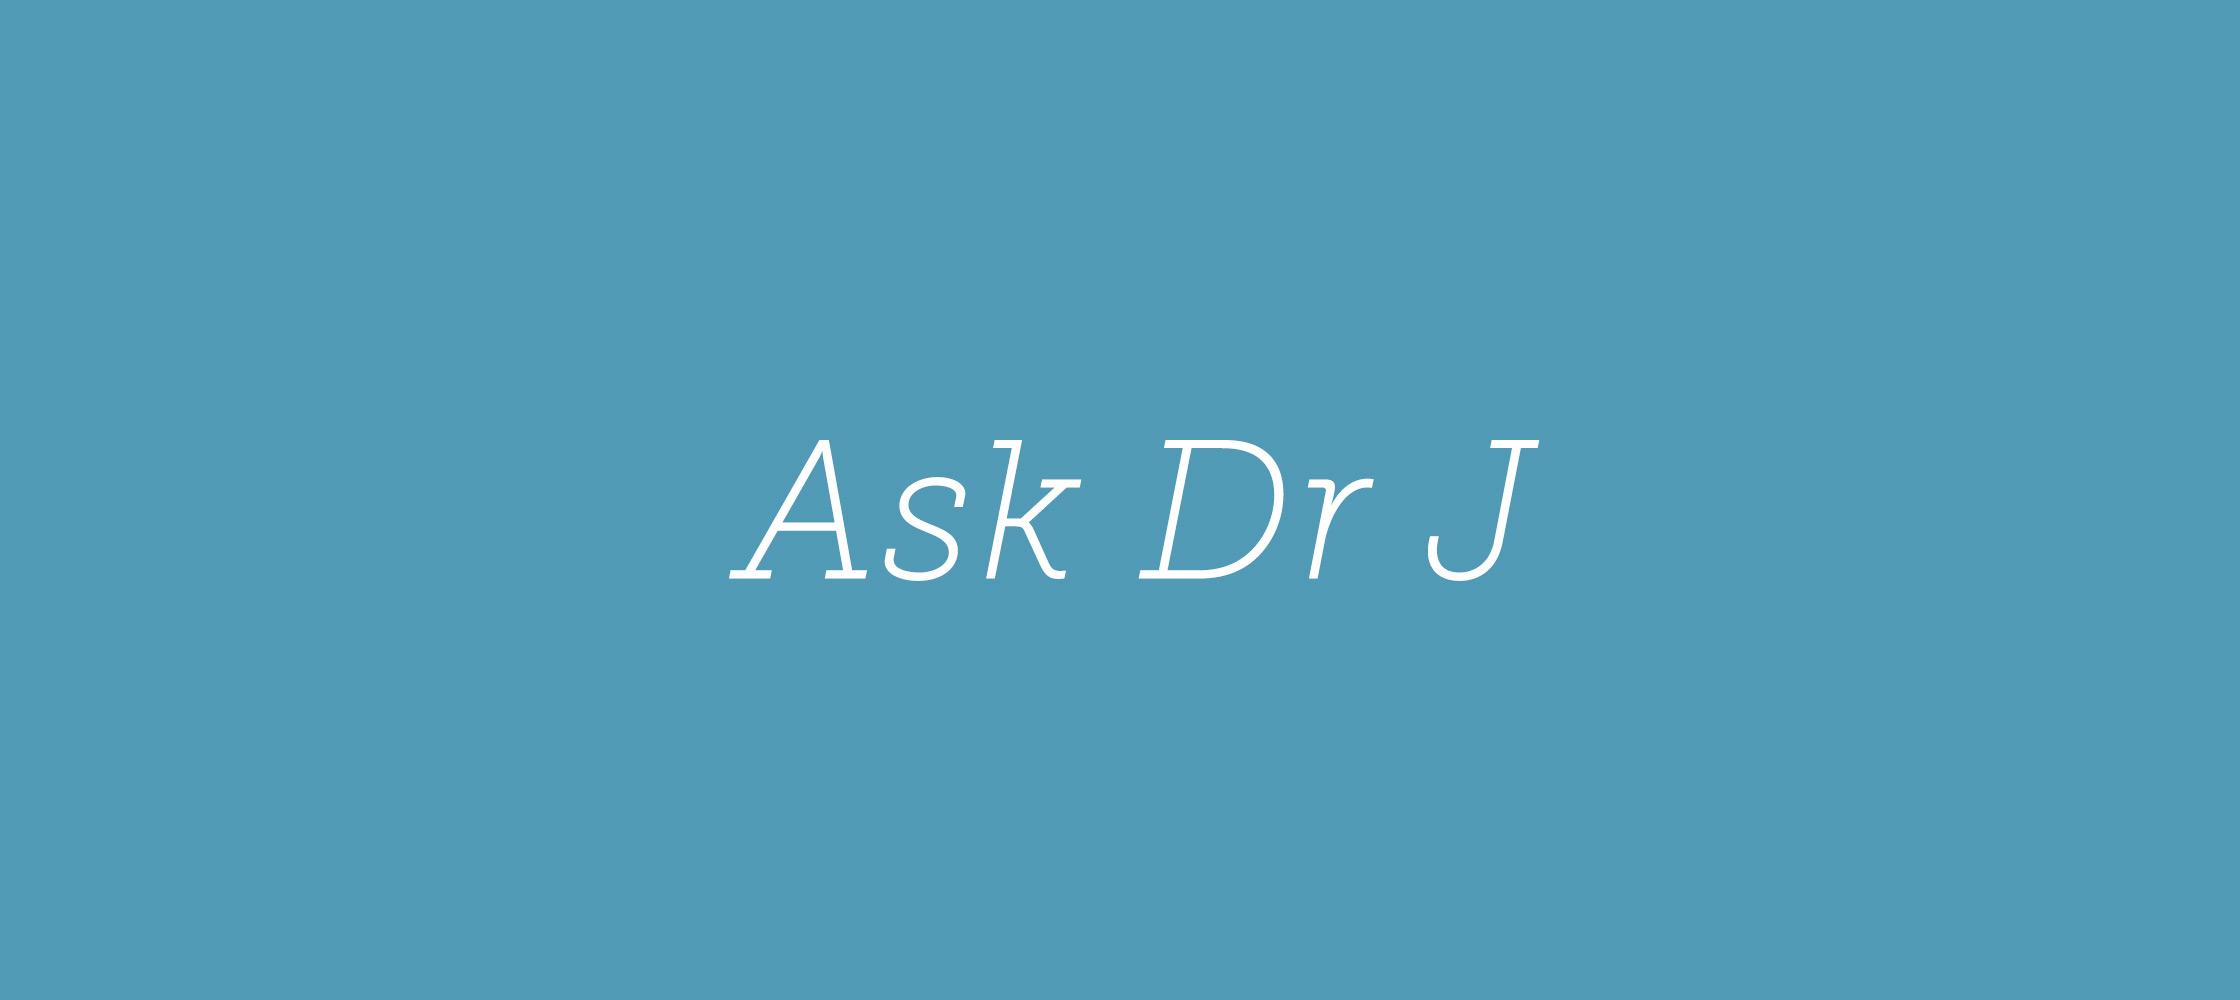 AskDrJ2